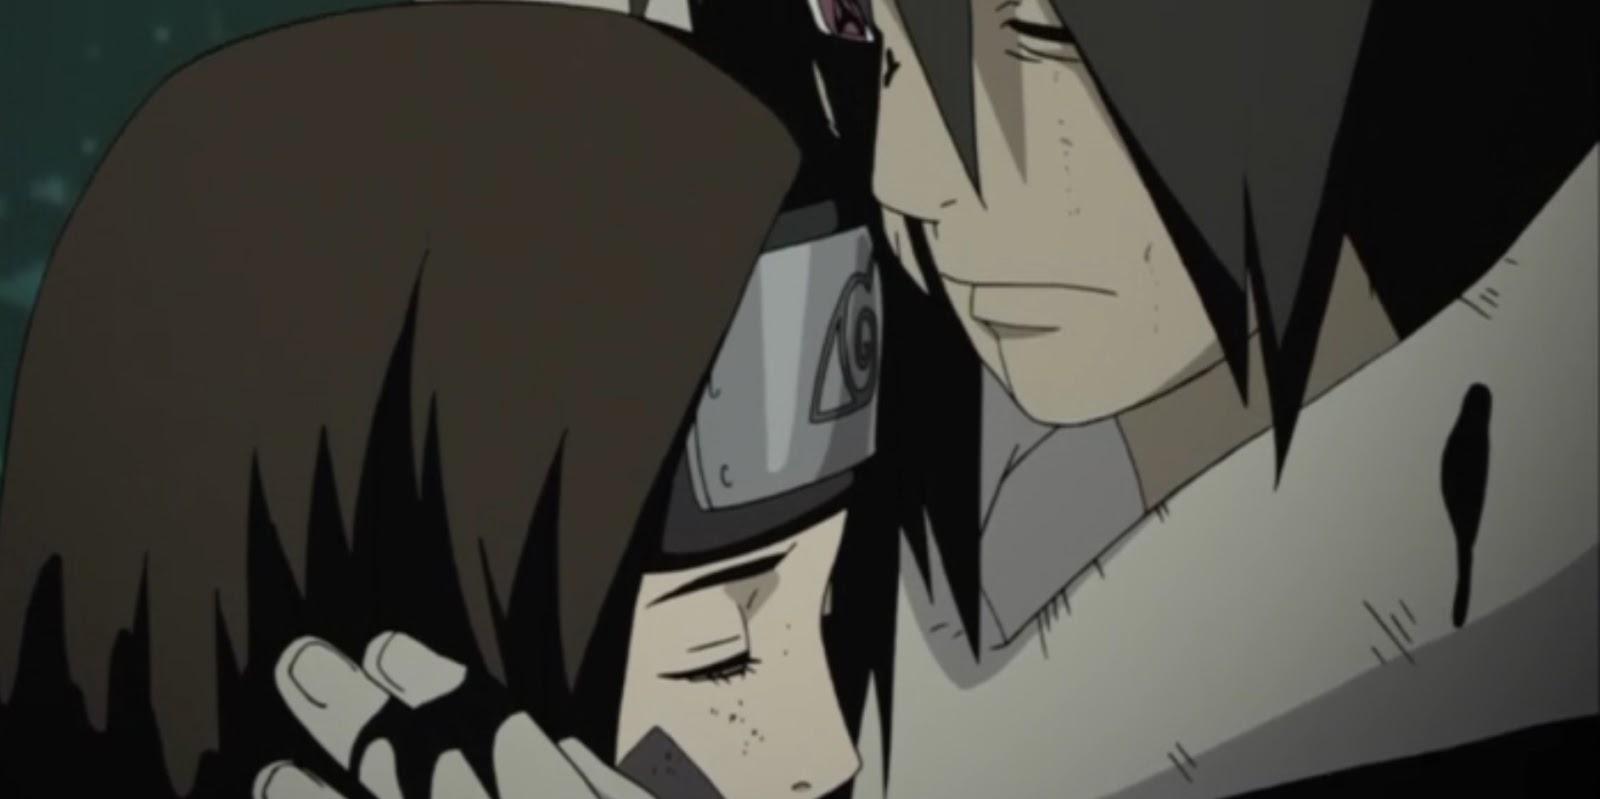 Naruto Shippuden Episódio 346, Assistir Naruto Shippuden Episódio 346, Assistir Naruto Shippuden Todos os Episódios Legendado, Naruto Shippuden episódio 346,HD